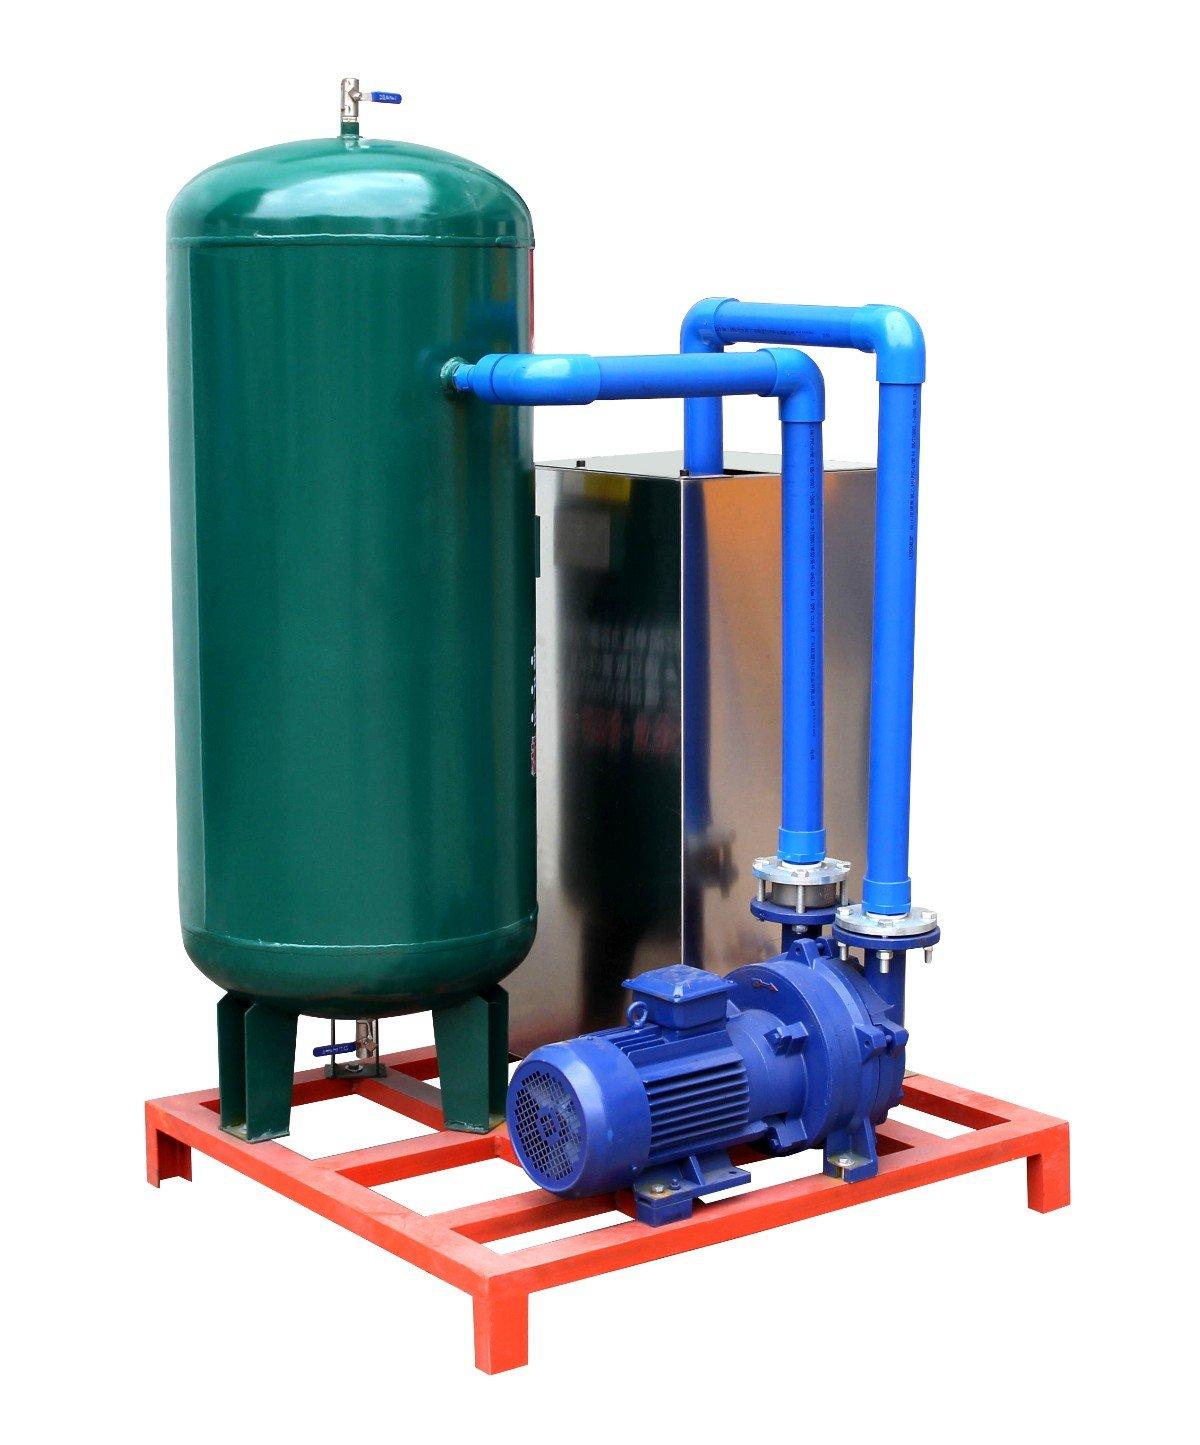 标配-负压罐真空泵水箱组件.jpg